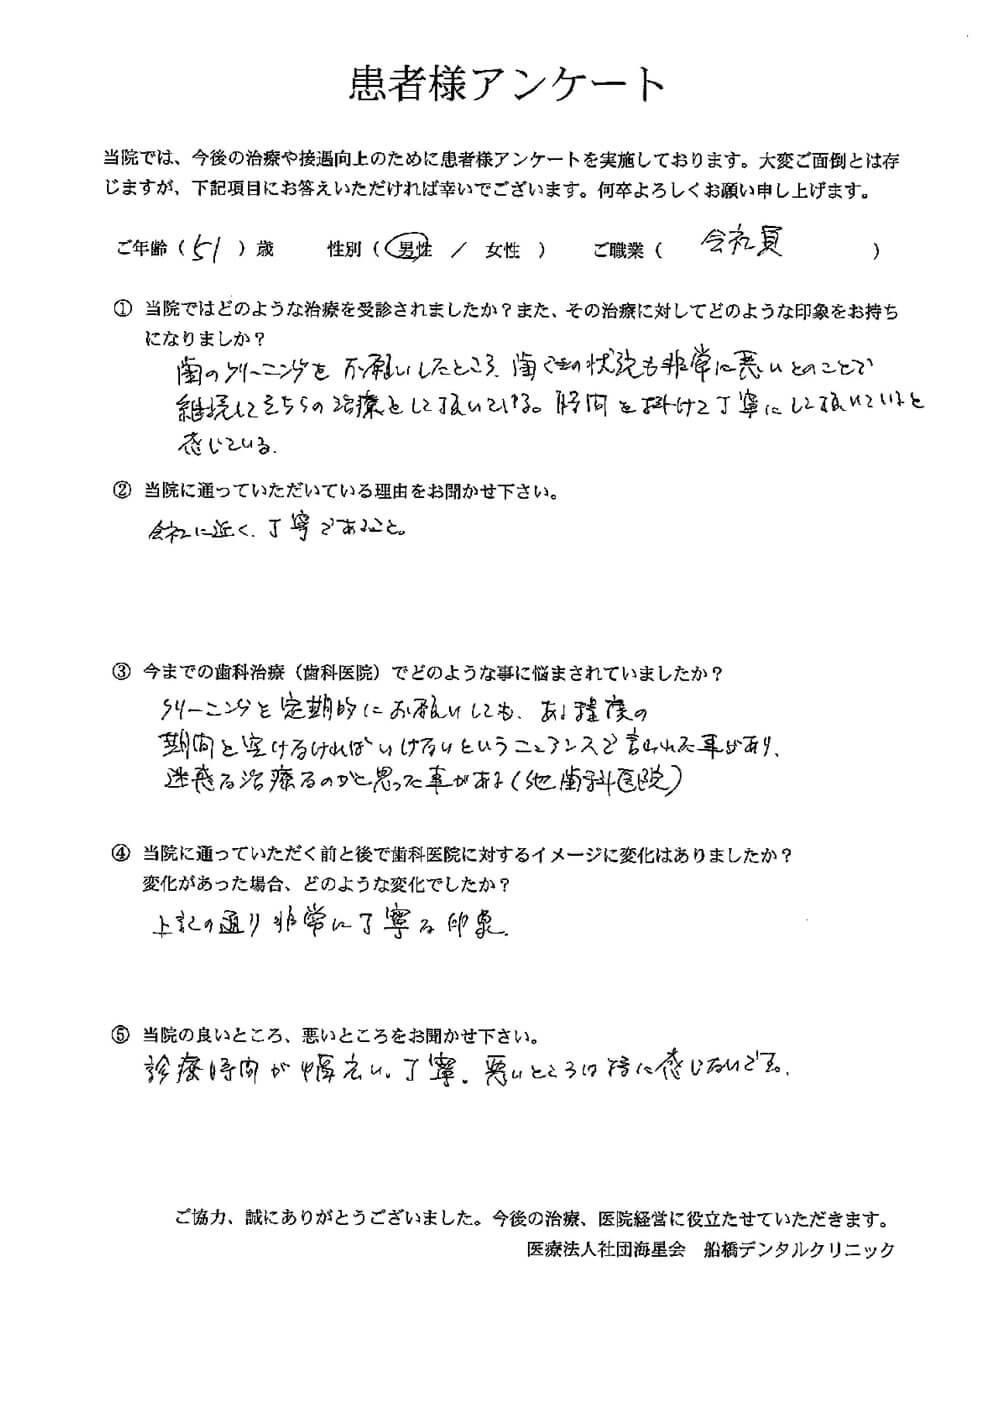 船橋デンタルクリニックの口コミ・評判アンケート3